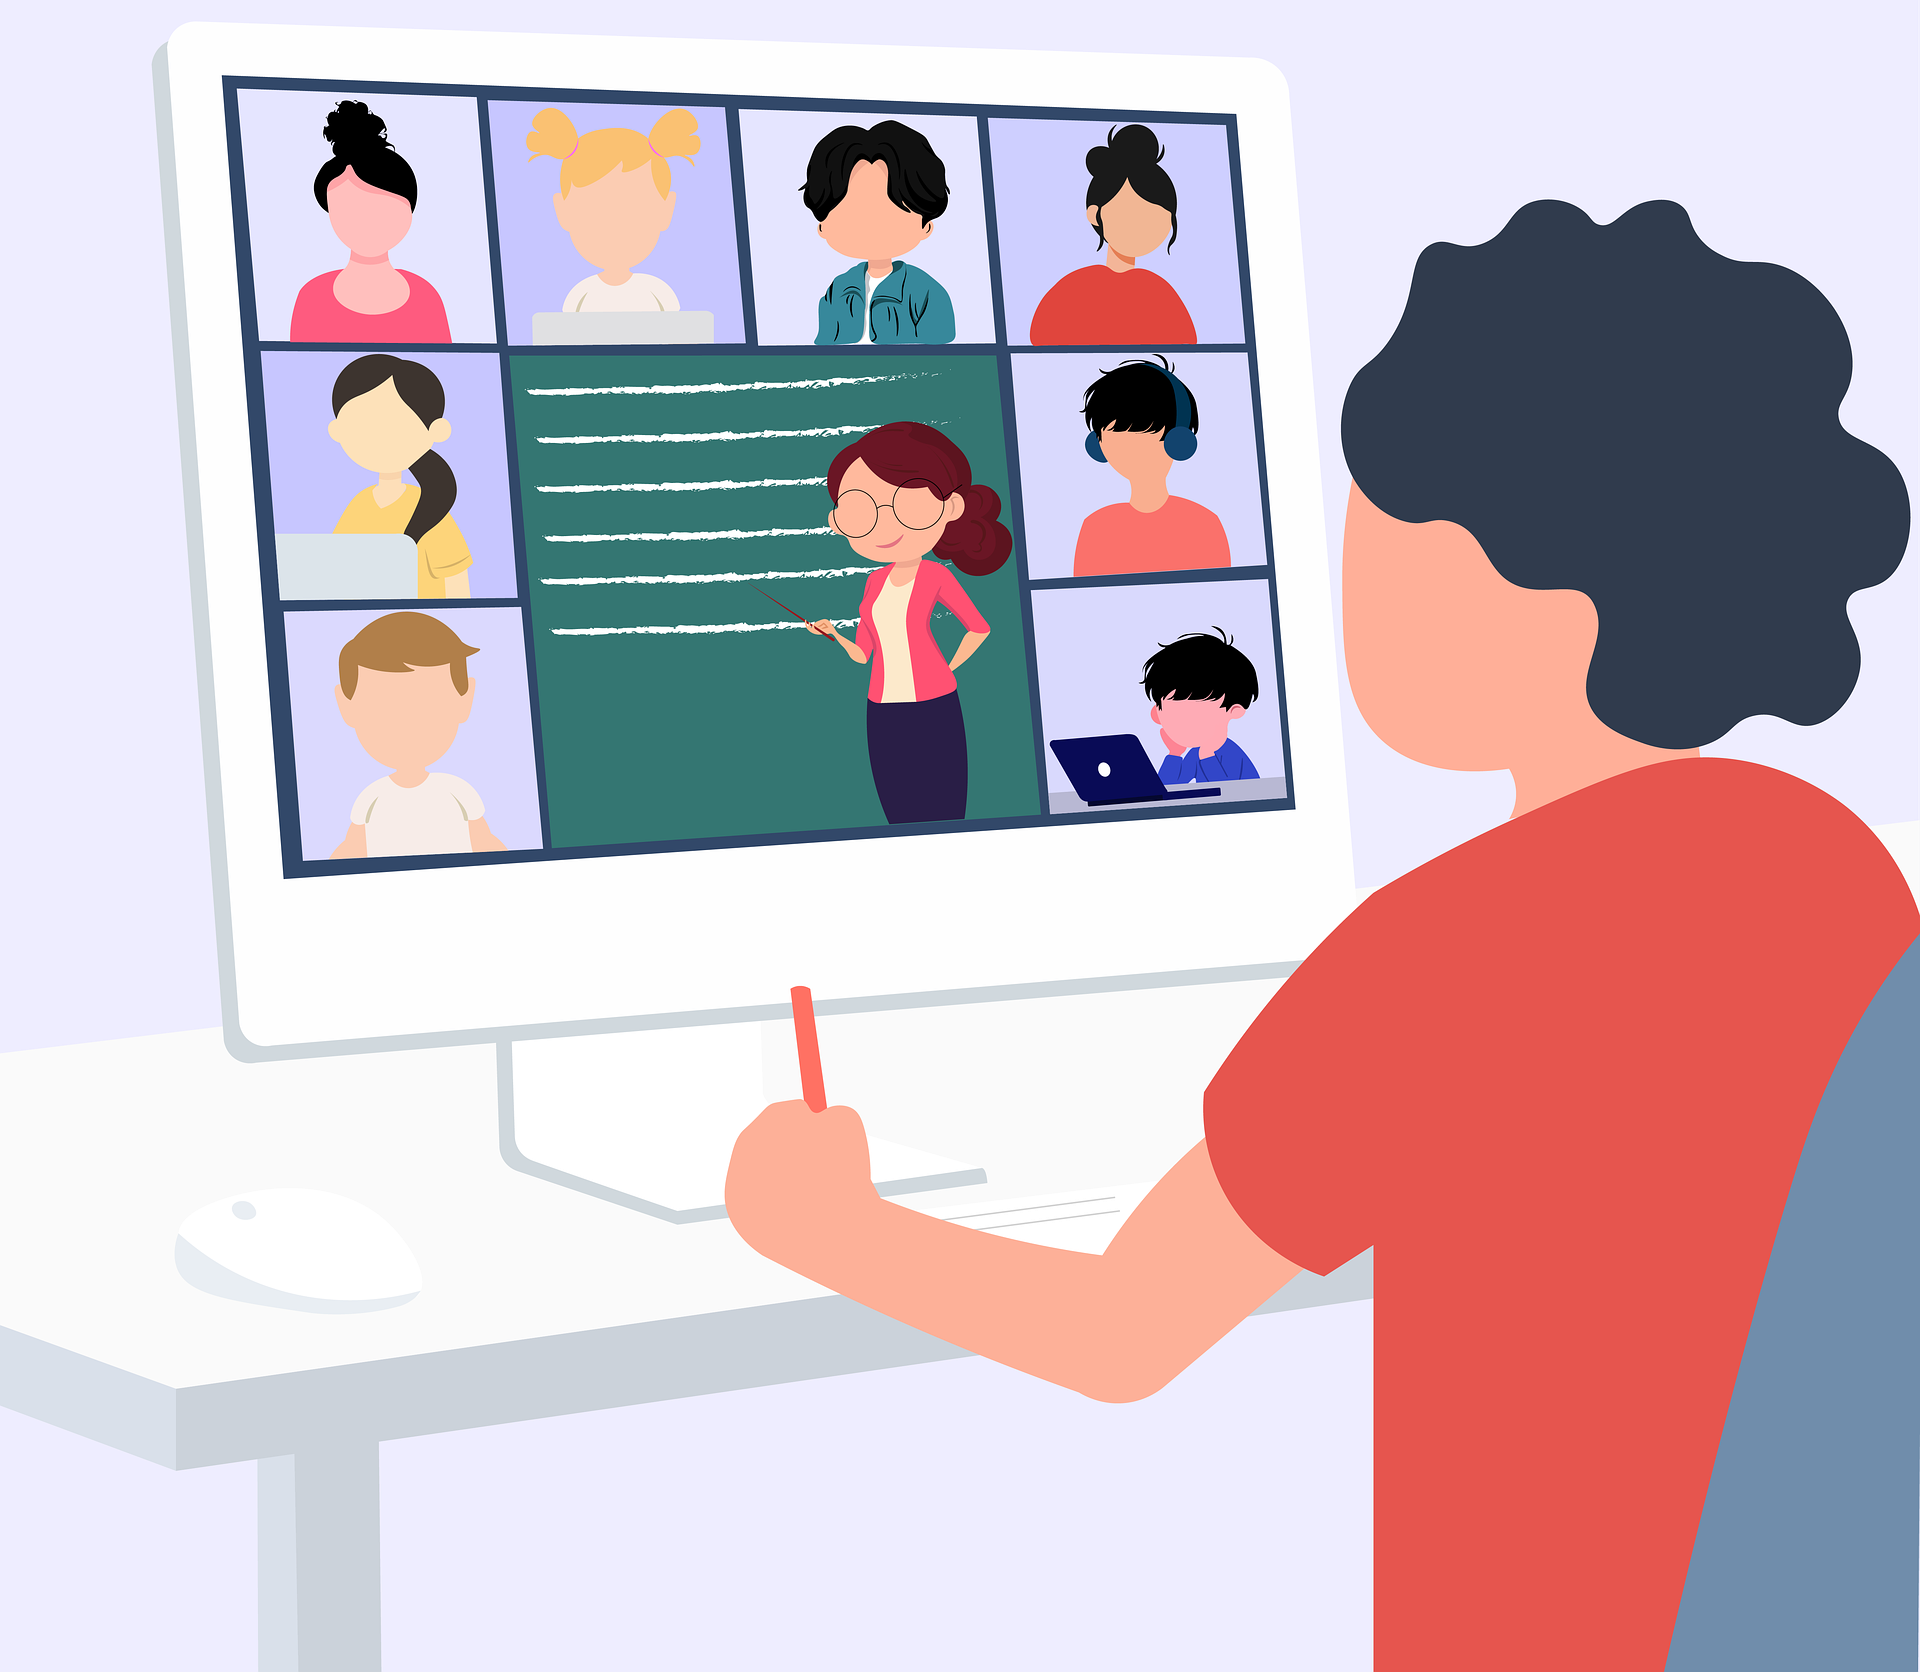 Merendeel docenten klaar om online les te geven